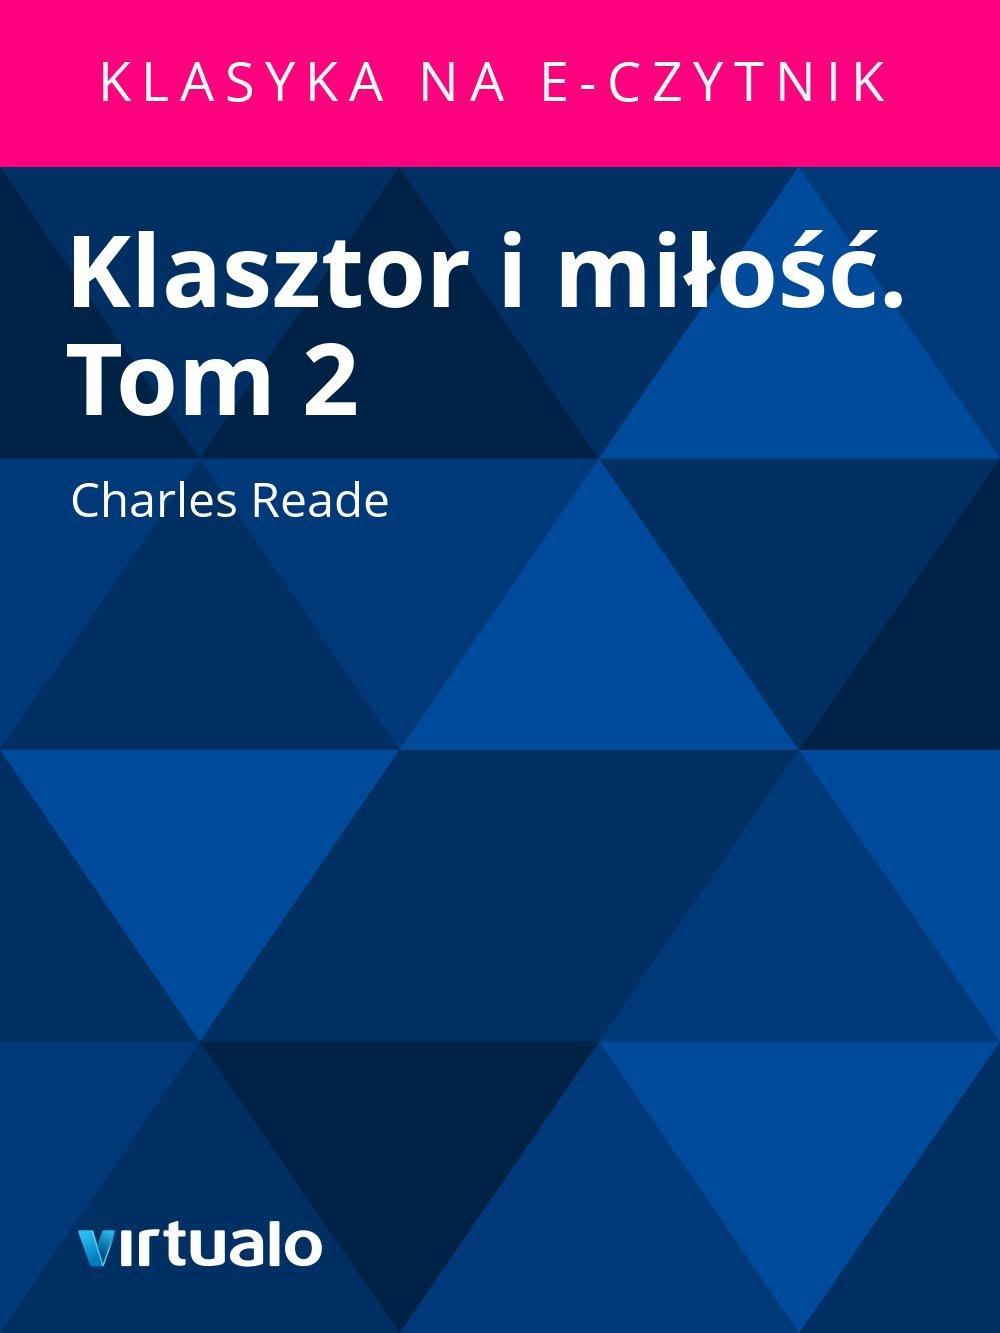 Klasztor i miłość. Tom 2 - Ebook (Książka EPUB) do pobrania w formacie EPUB